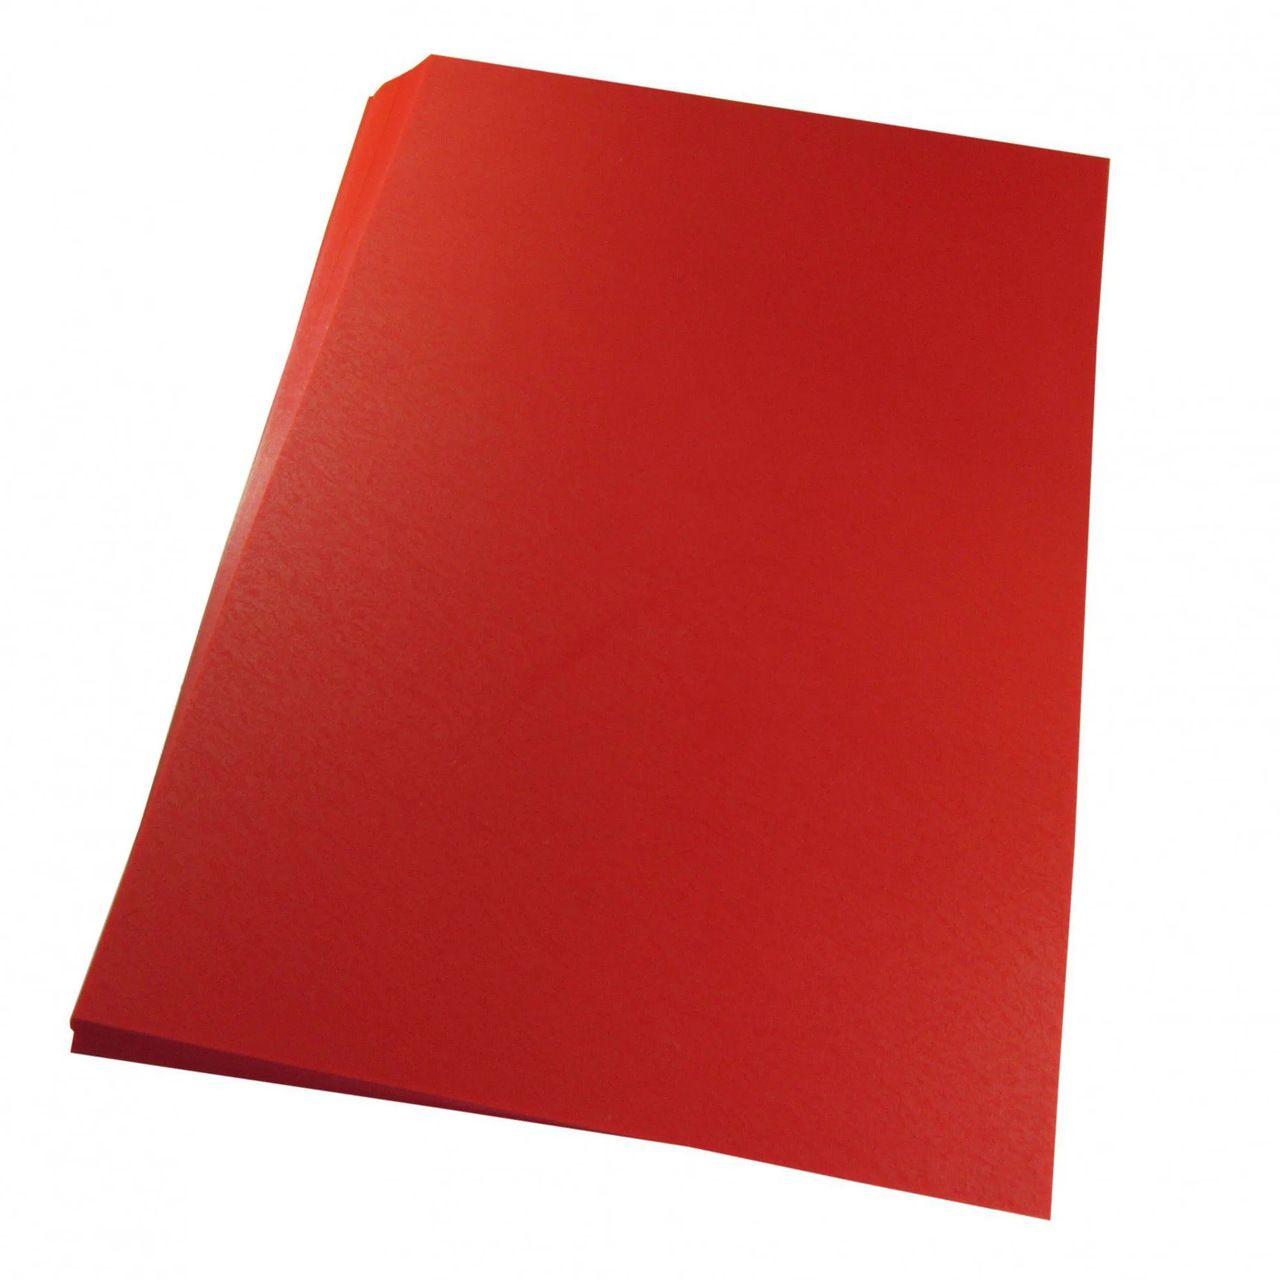 Capa para encadernação Ofício Vermelha PP Couro 0,30mm 100un